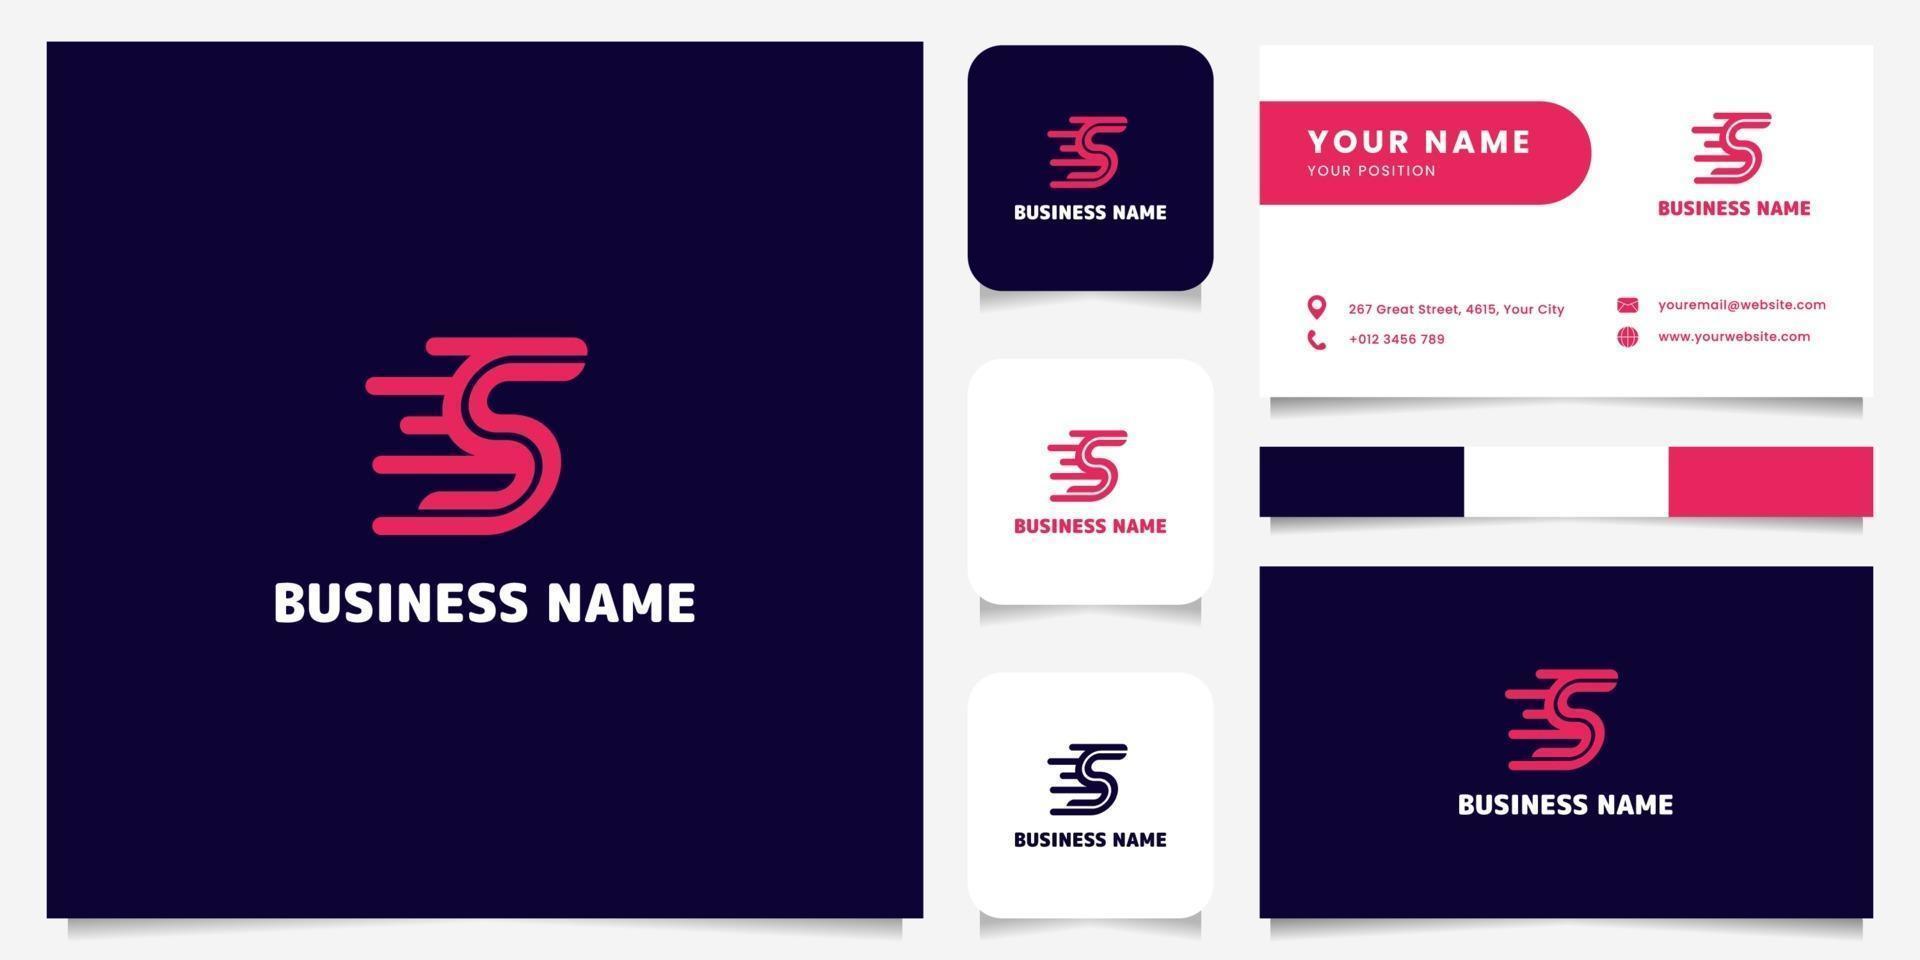 eenvoudig en minimalistisch helder roze letter s snelheid logo in donkere achtergrond logo met sjabloon voor visitekaartjes vector